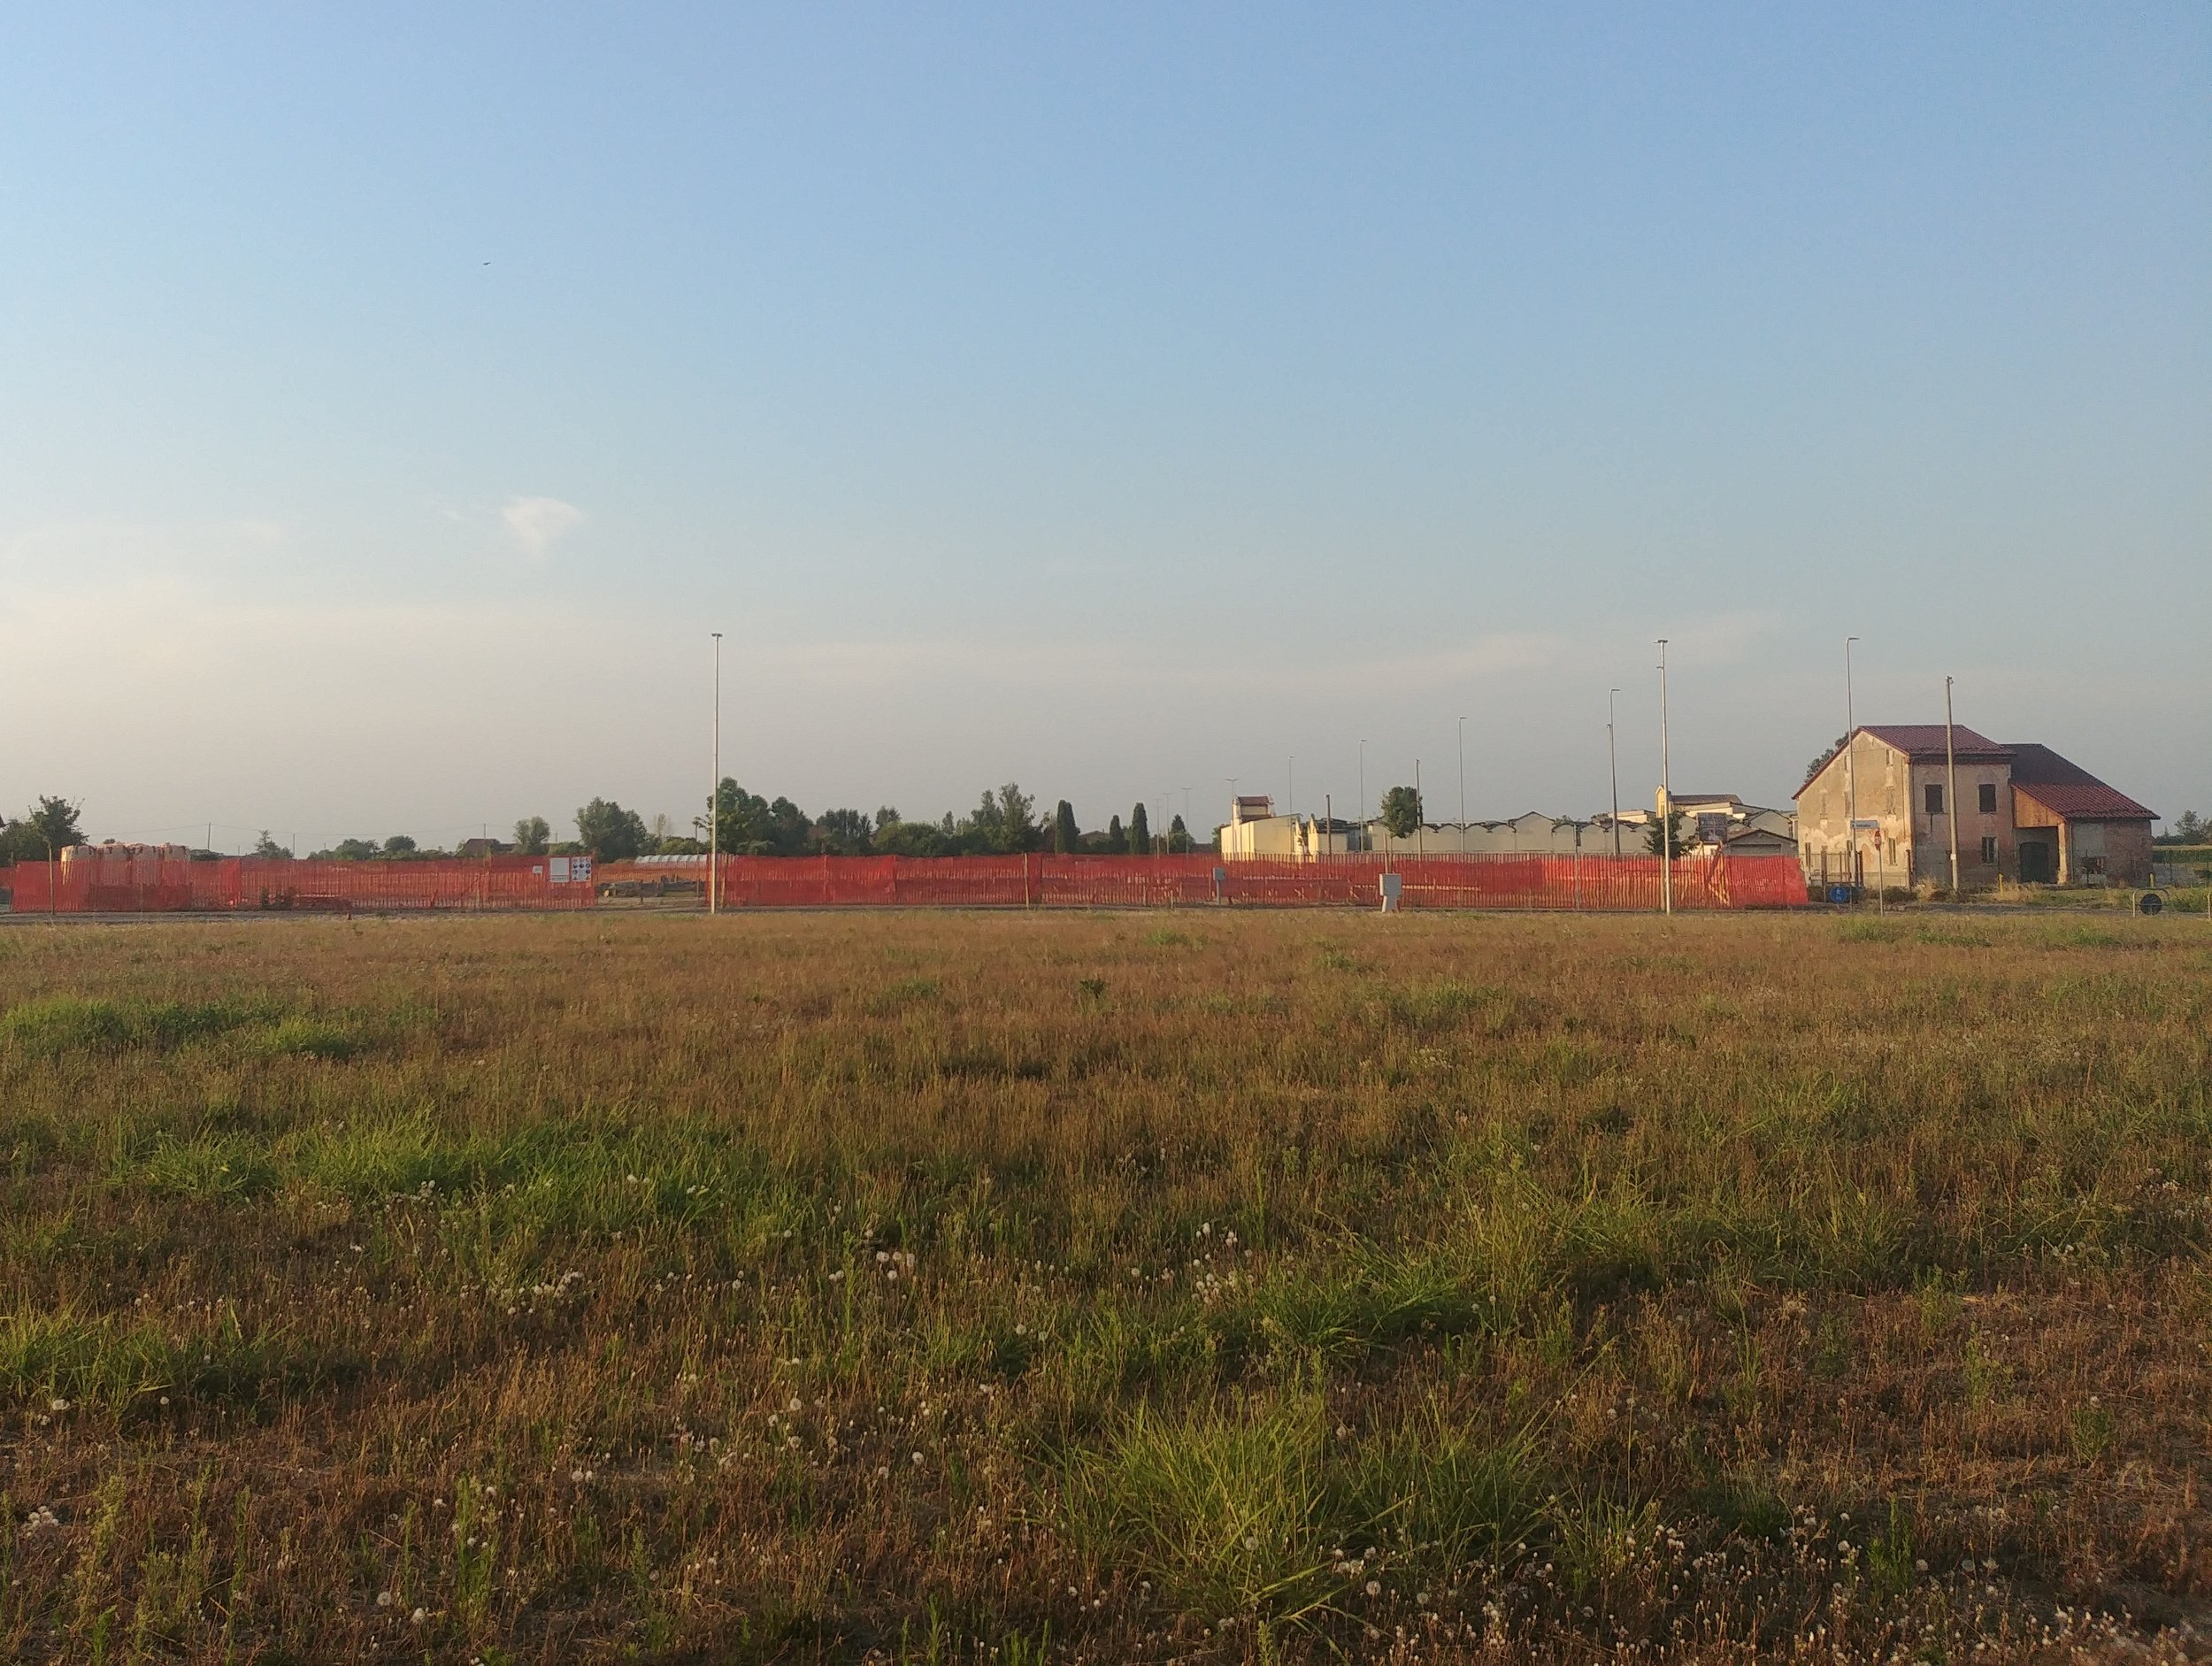 Vista del cantiere durante la realizzazione delle fondazioni